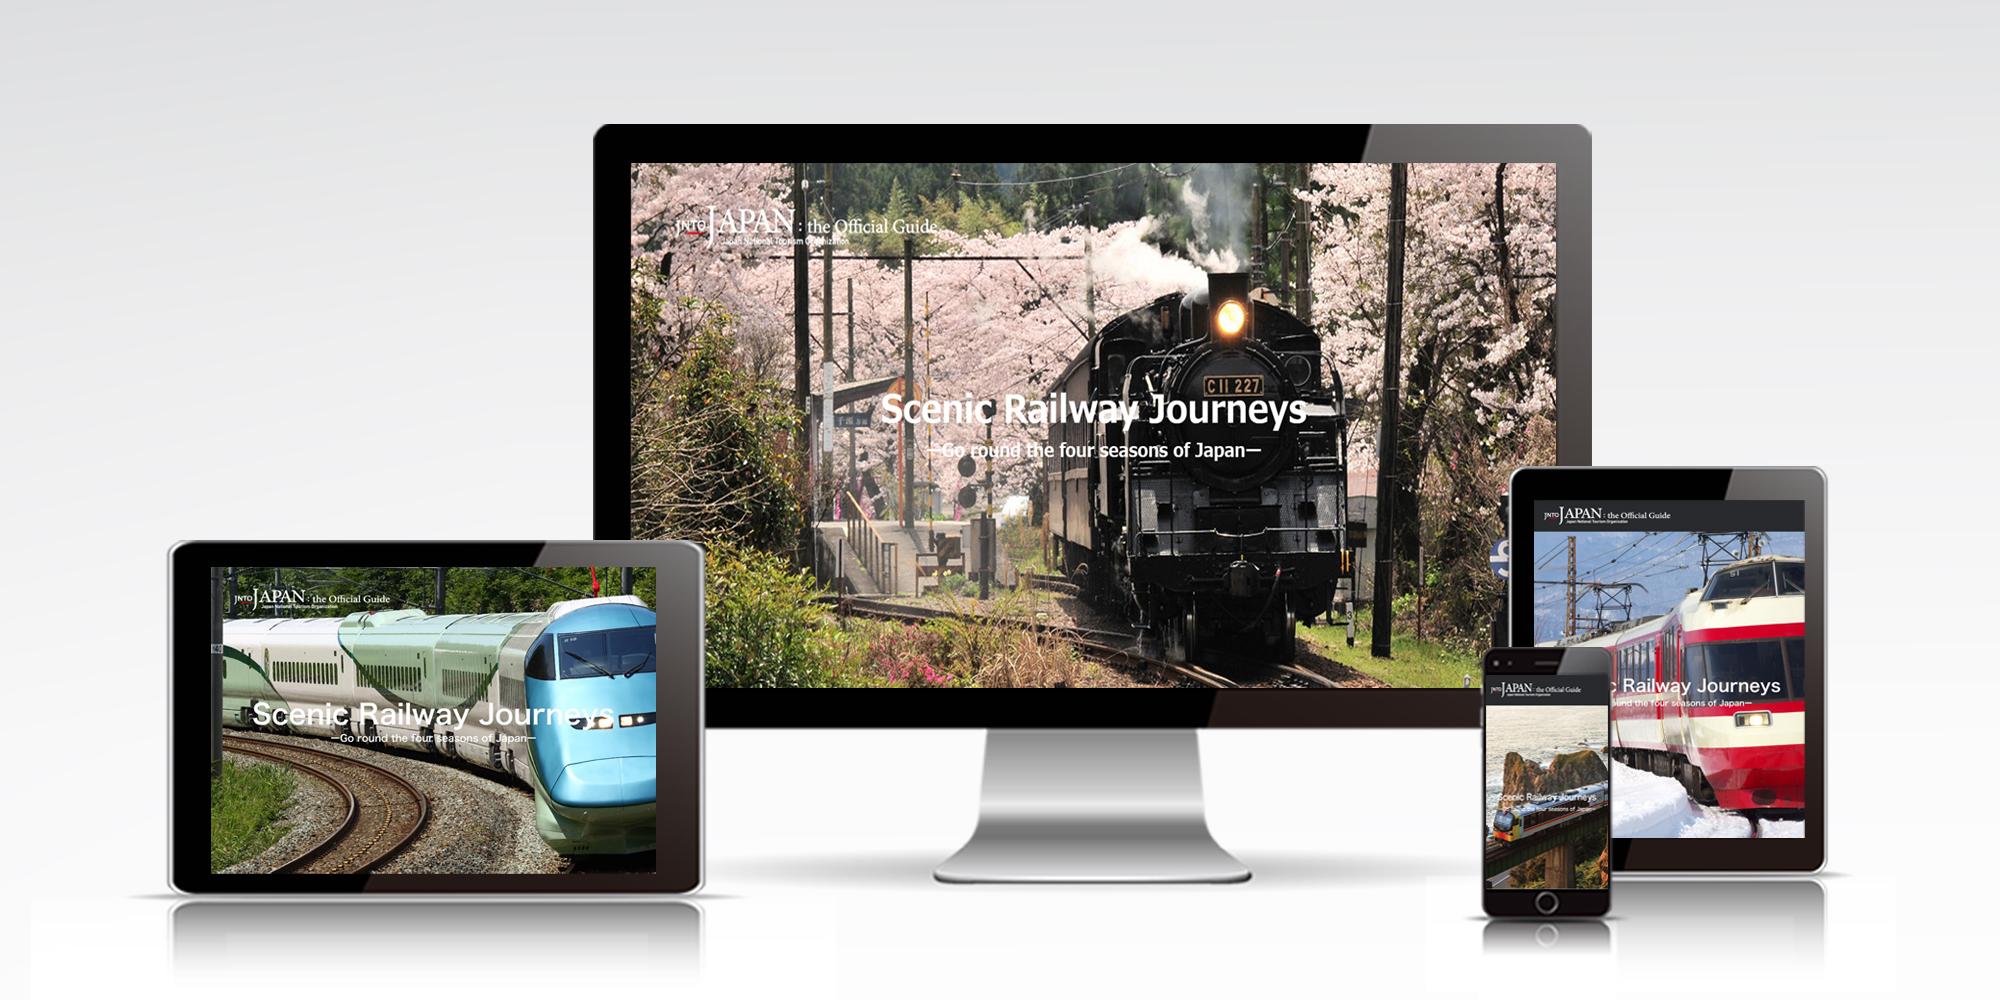 日本政府観光局「観光列車コンテンツ」